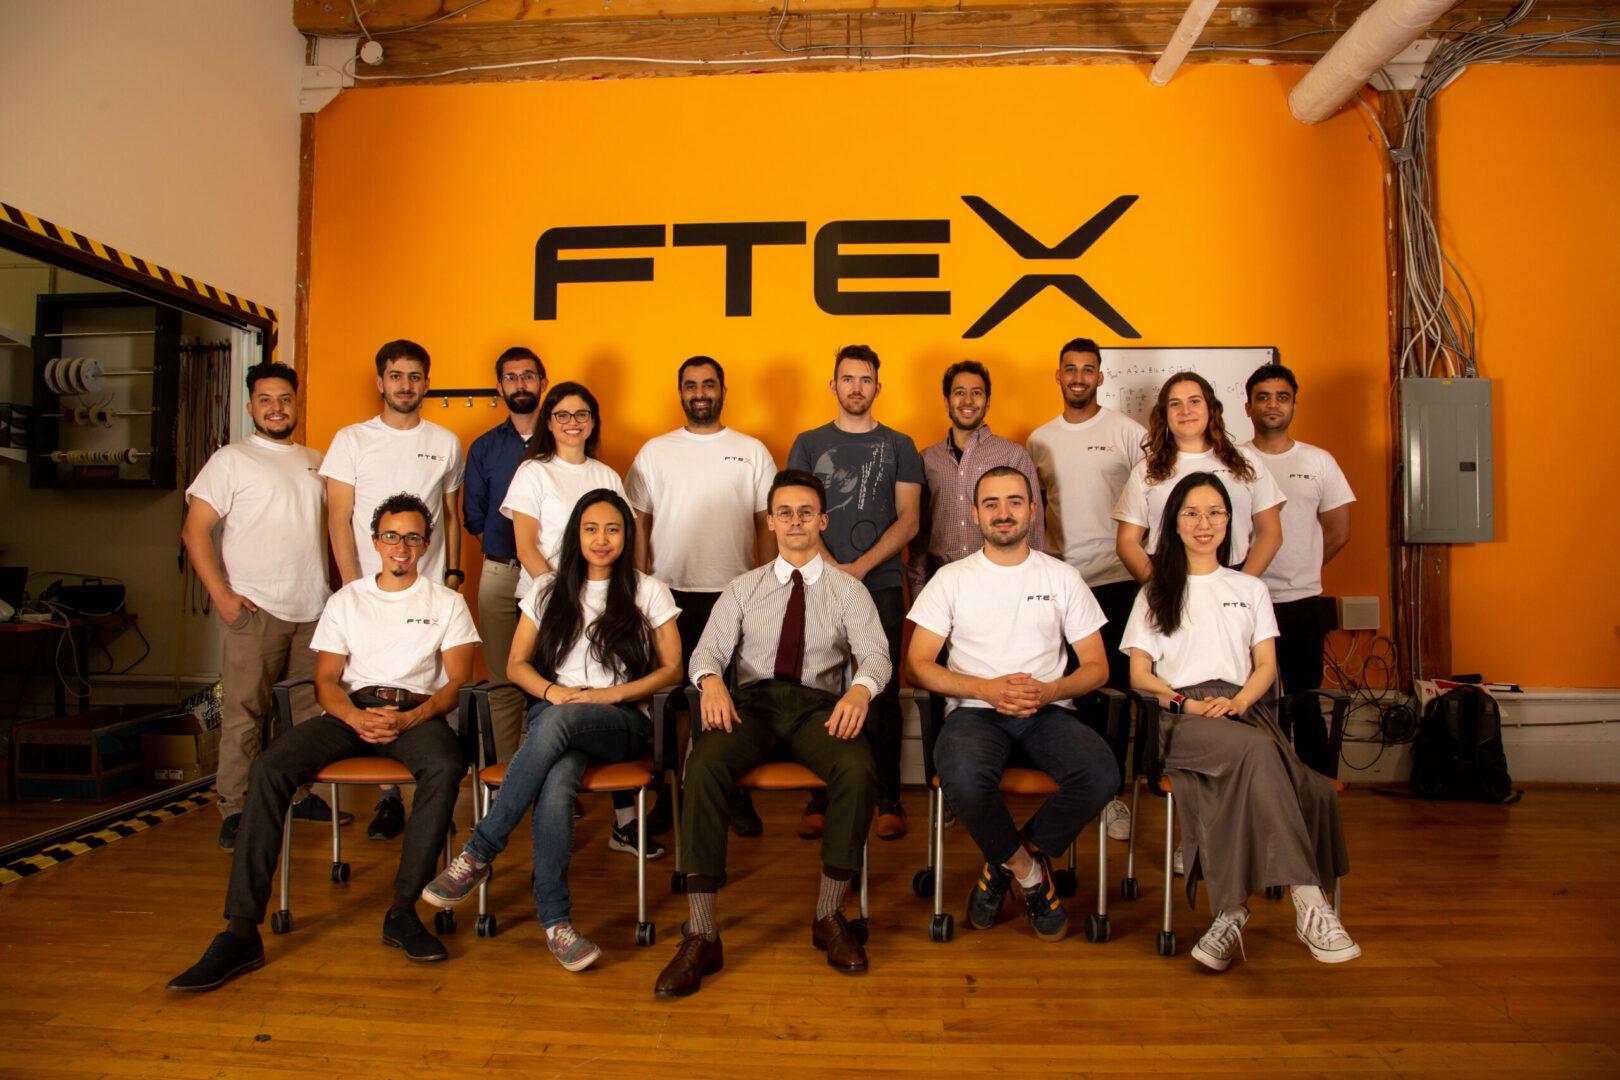 FTEX TEAM